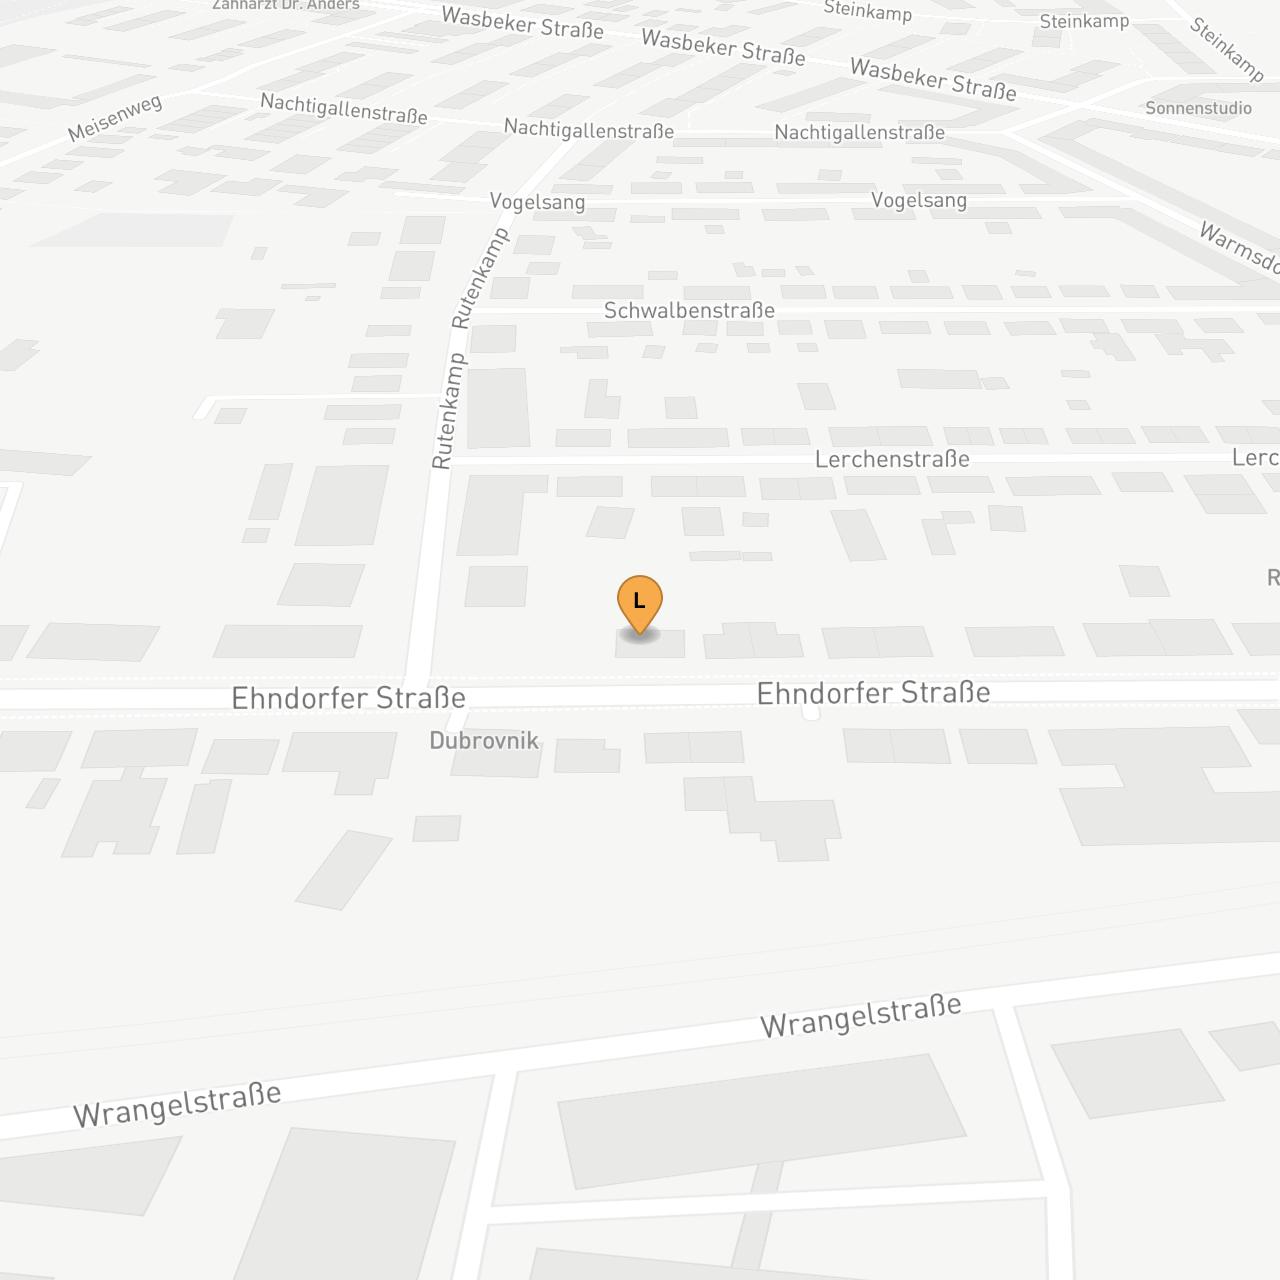 Mapbox Map of 9.971238411962984,54.0673460628511